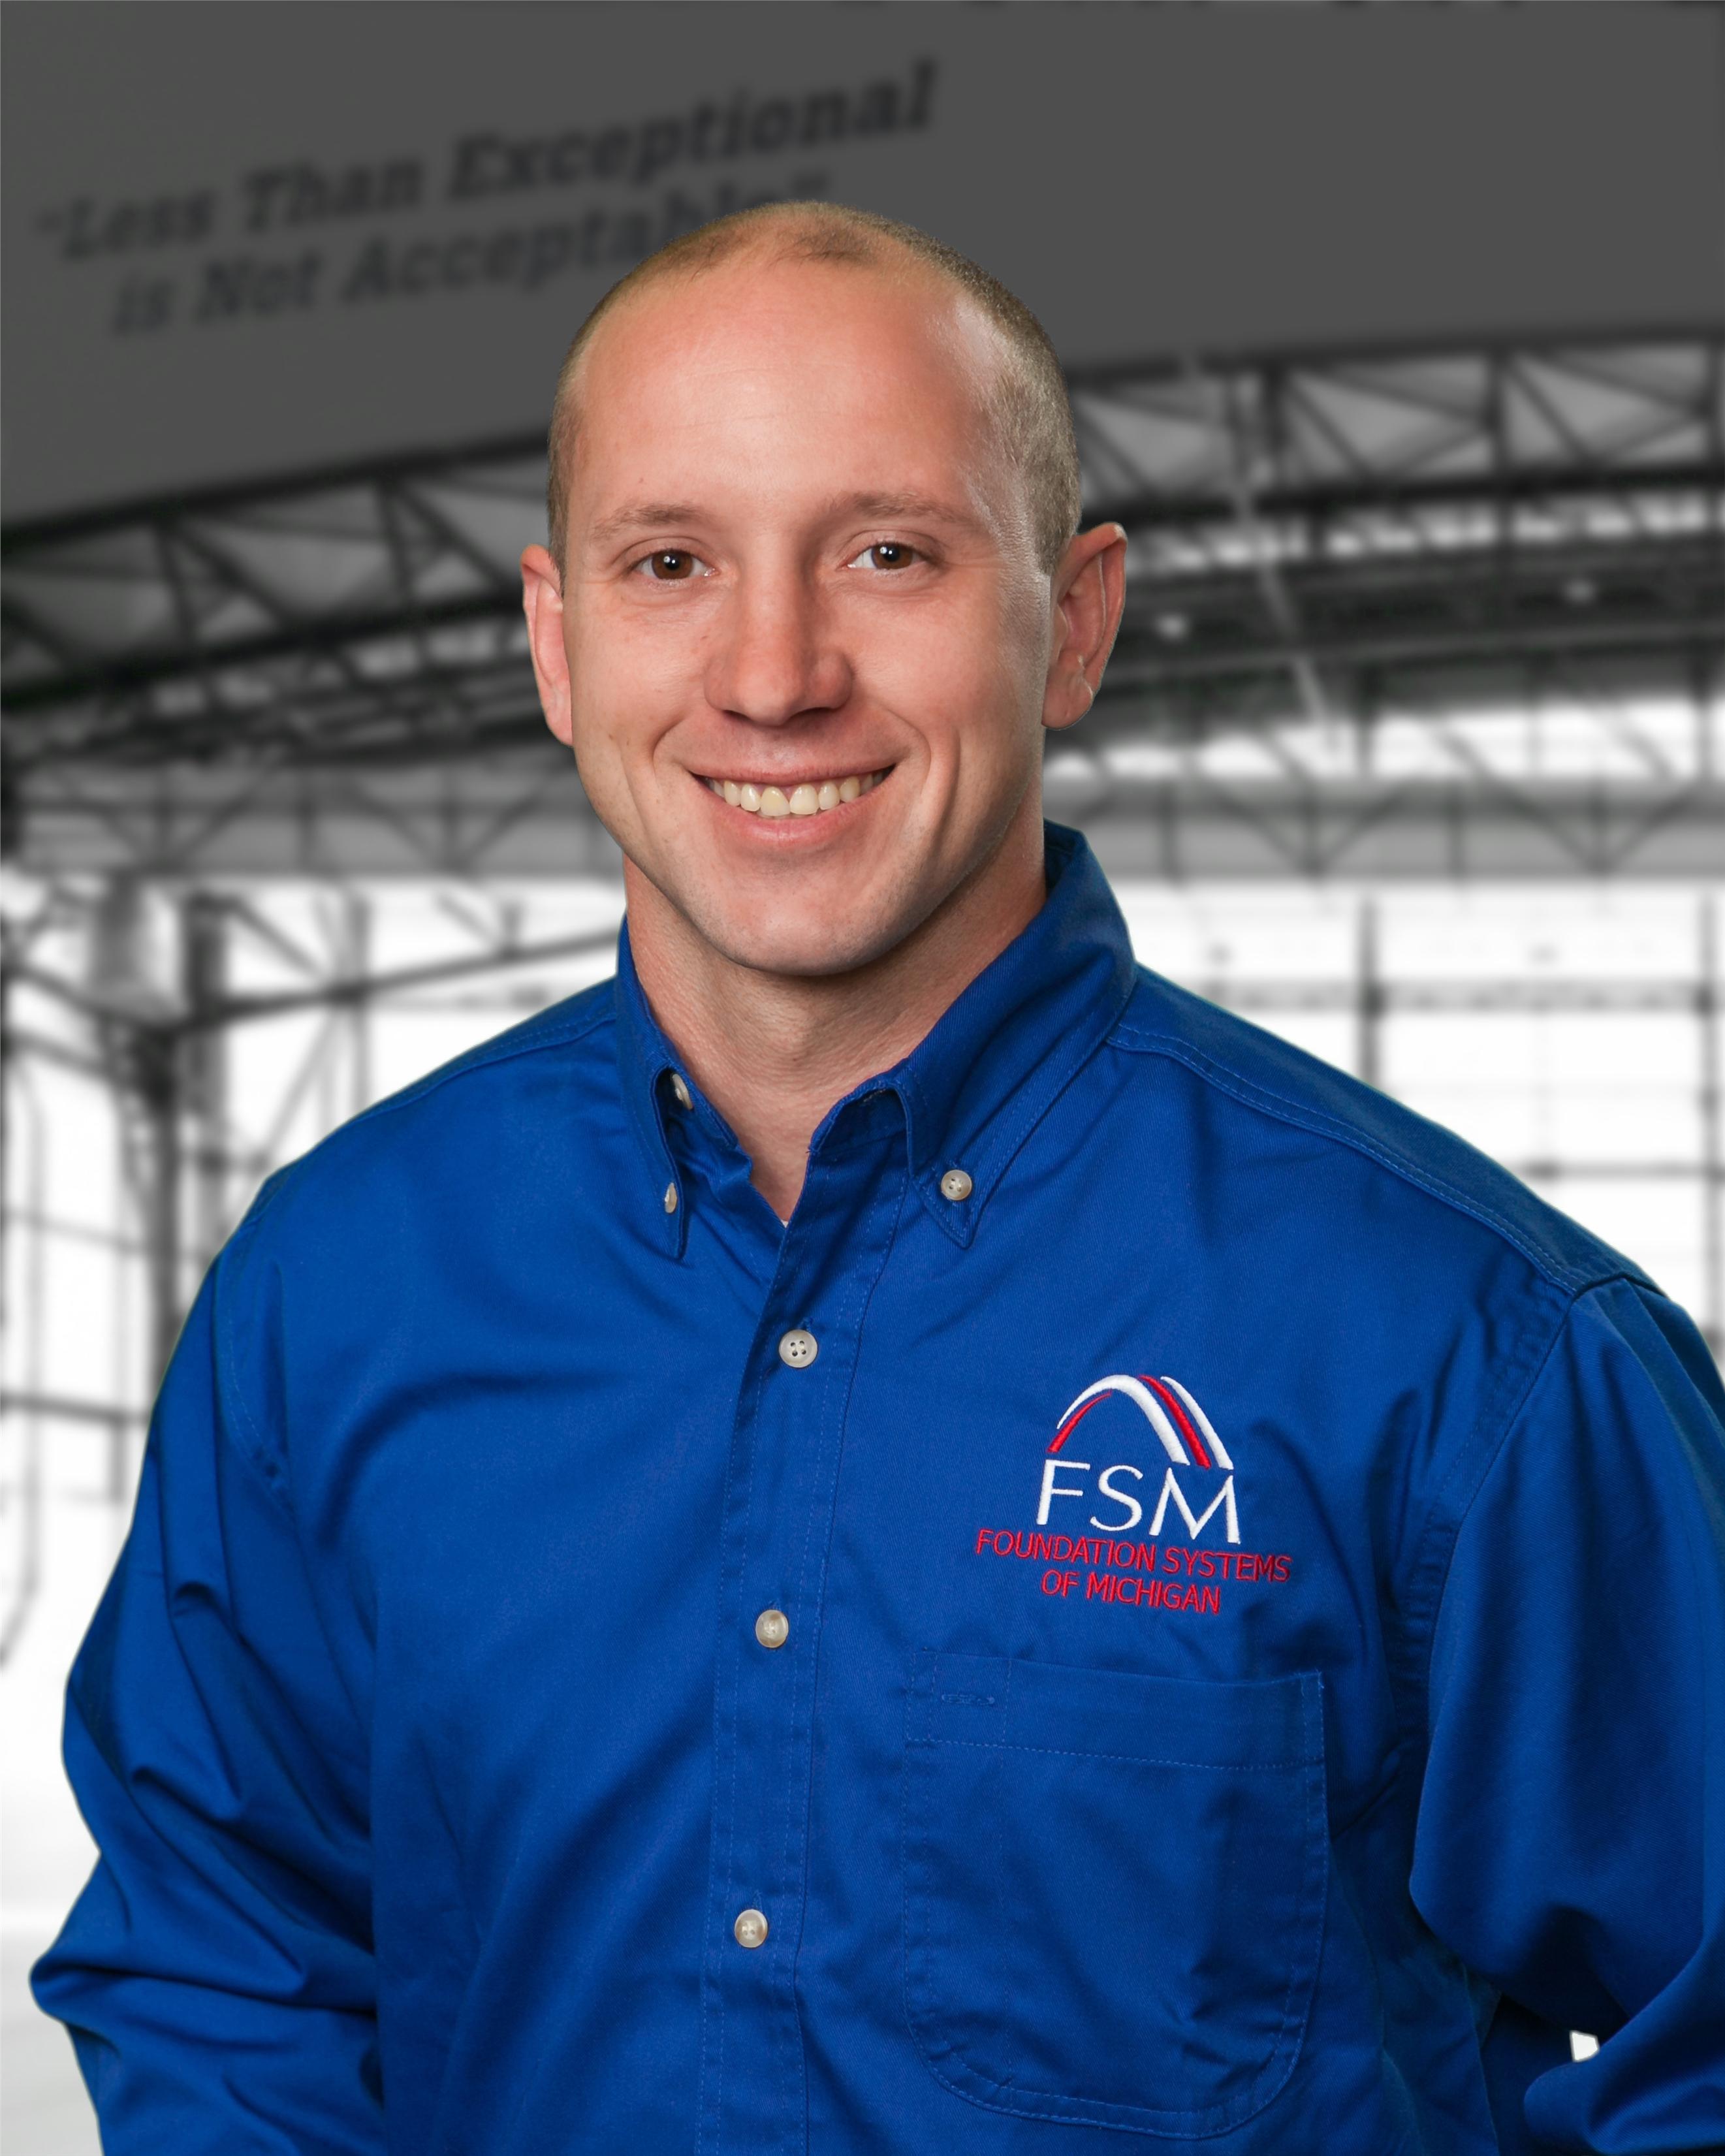 FSM David Dean Field and Training Supervisor